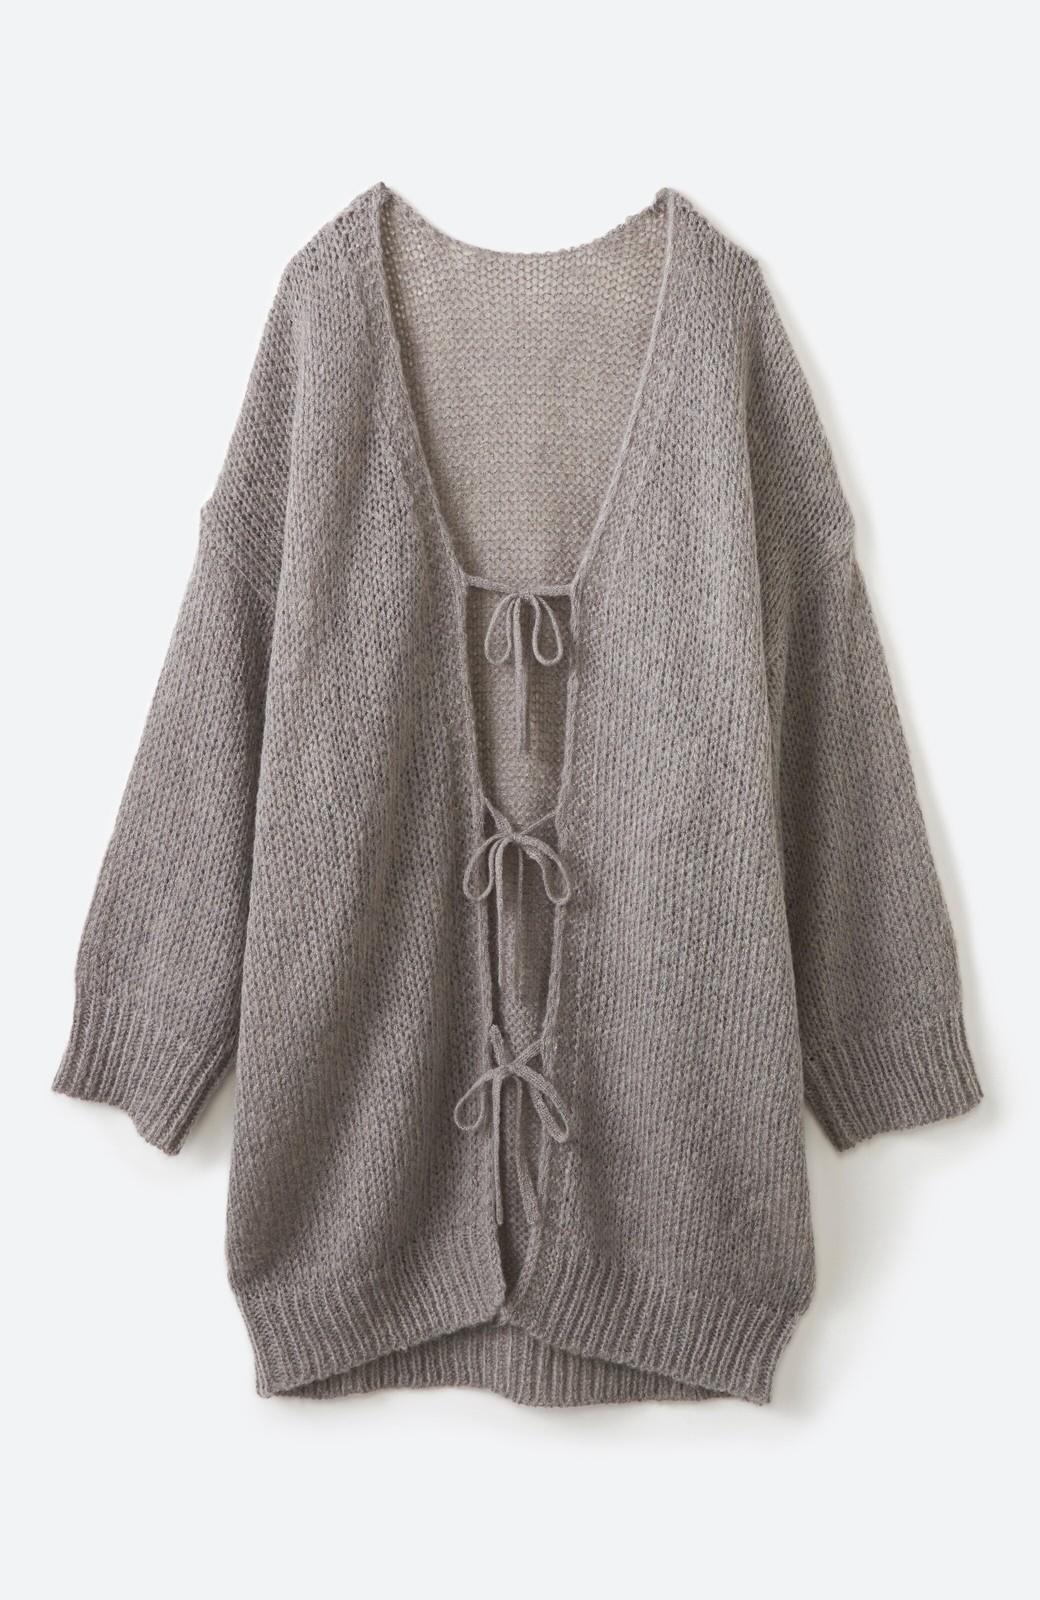 haco! ゆるゆるゆる編みで軽やかにかわいくなれる 前後ろ2WAYカーディガン <杢グレー>の商品写真24